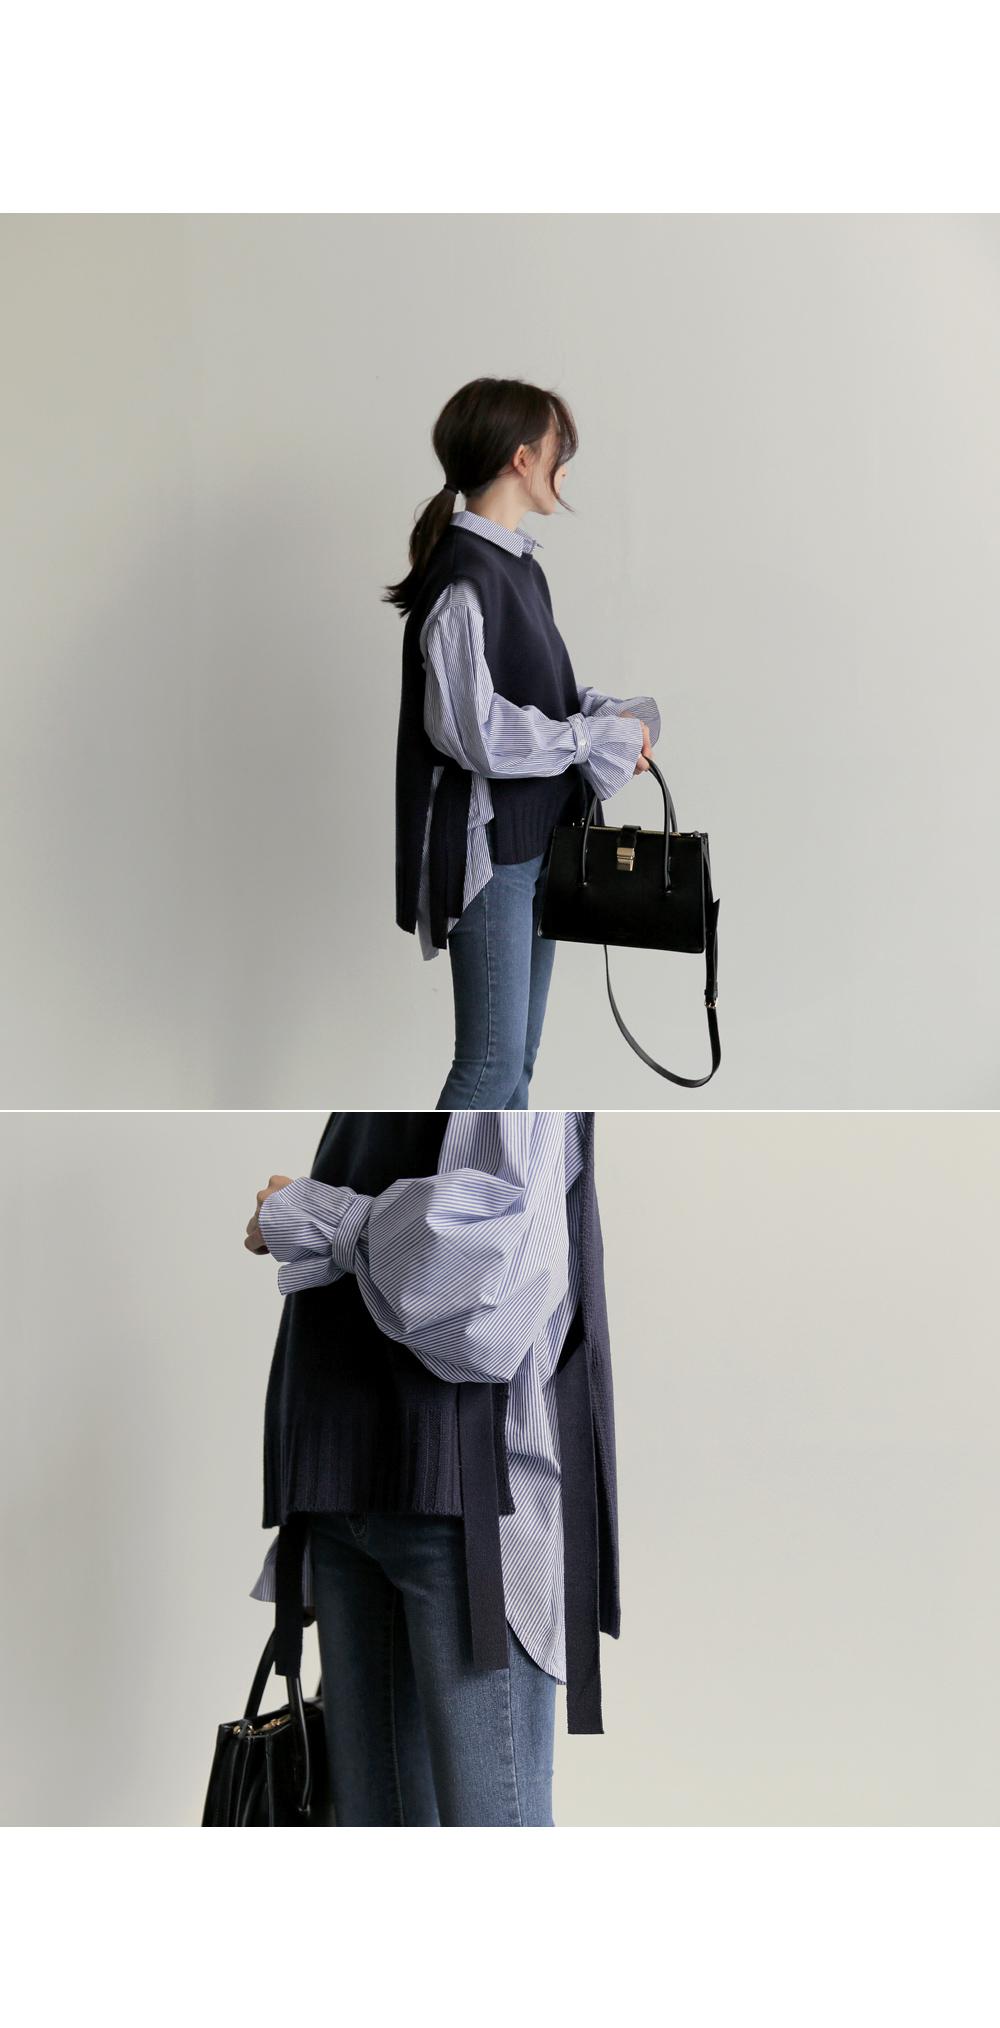 【即納】韓国 ファッション トップス ニット セーター 秋冬春 カジュアル SPTX5258  コーデに可愛げを呼ぶ。リボンディテールのニットベスト オルチャン シンプル 定番 セレカジの写真14枚目